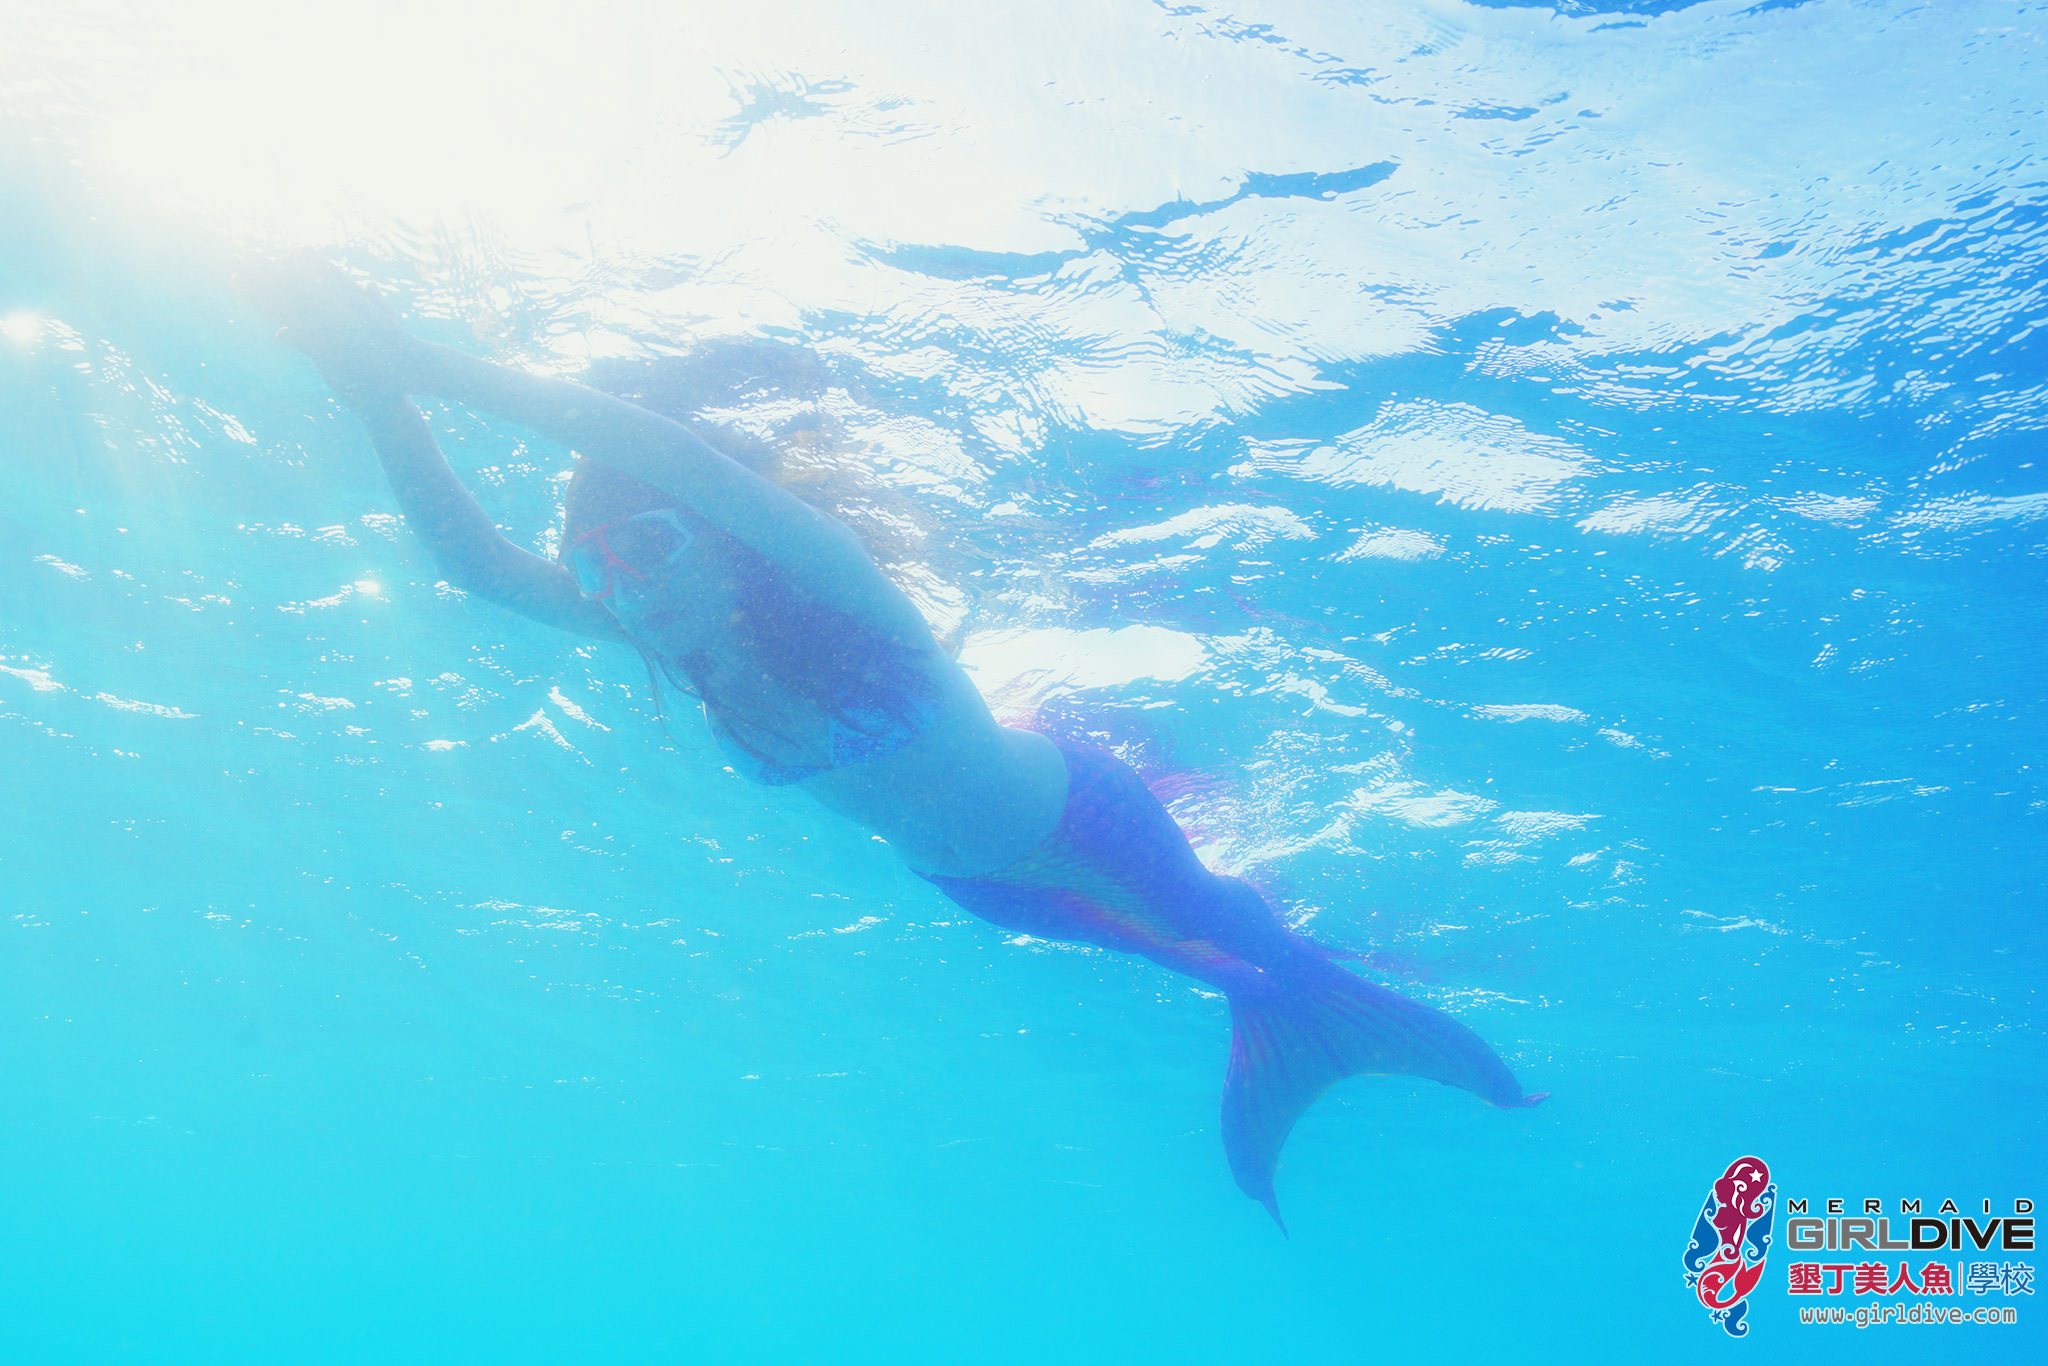 [墾丁]墾丁美人魚學校 | GirlDive-超時尚運動! 化身美人魚悠游海洋 漂亮美人魚寫真 墾丁潛水推薦 @美食好芃友